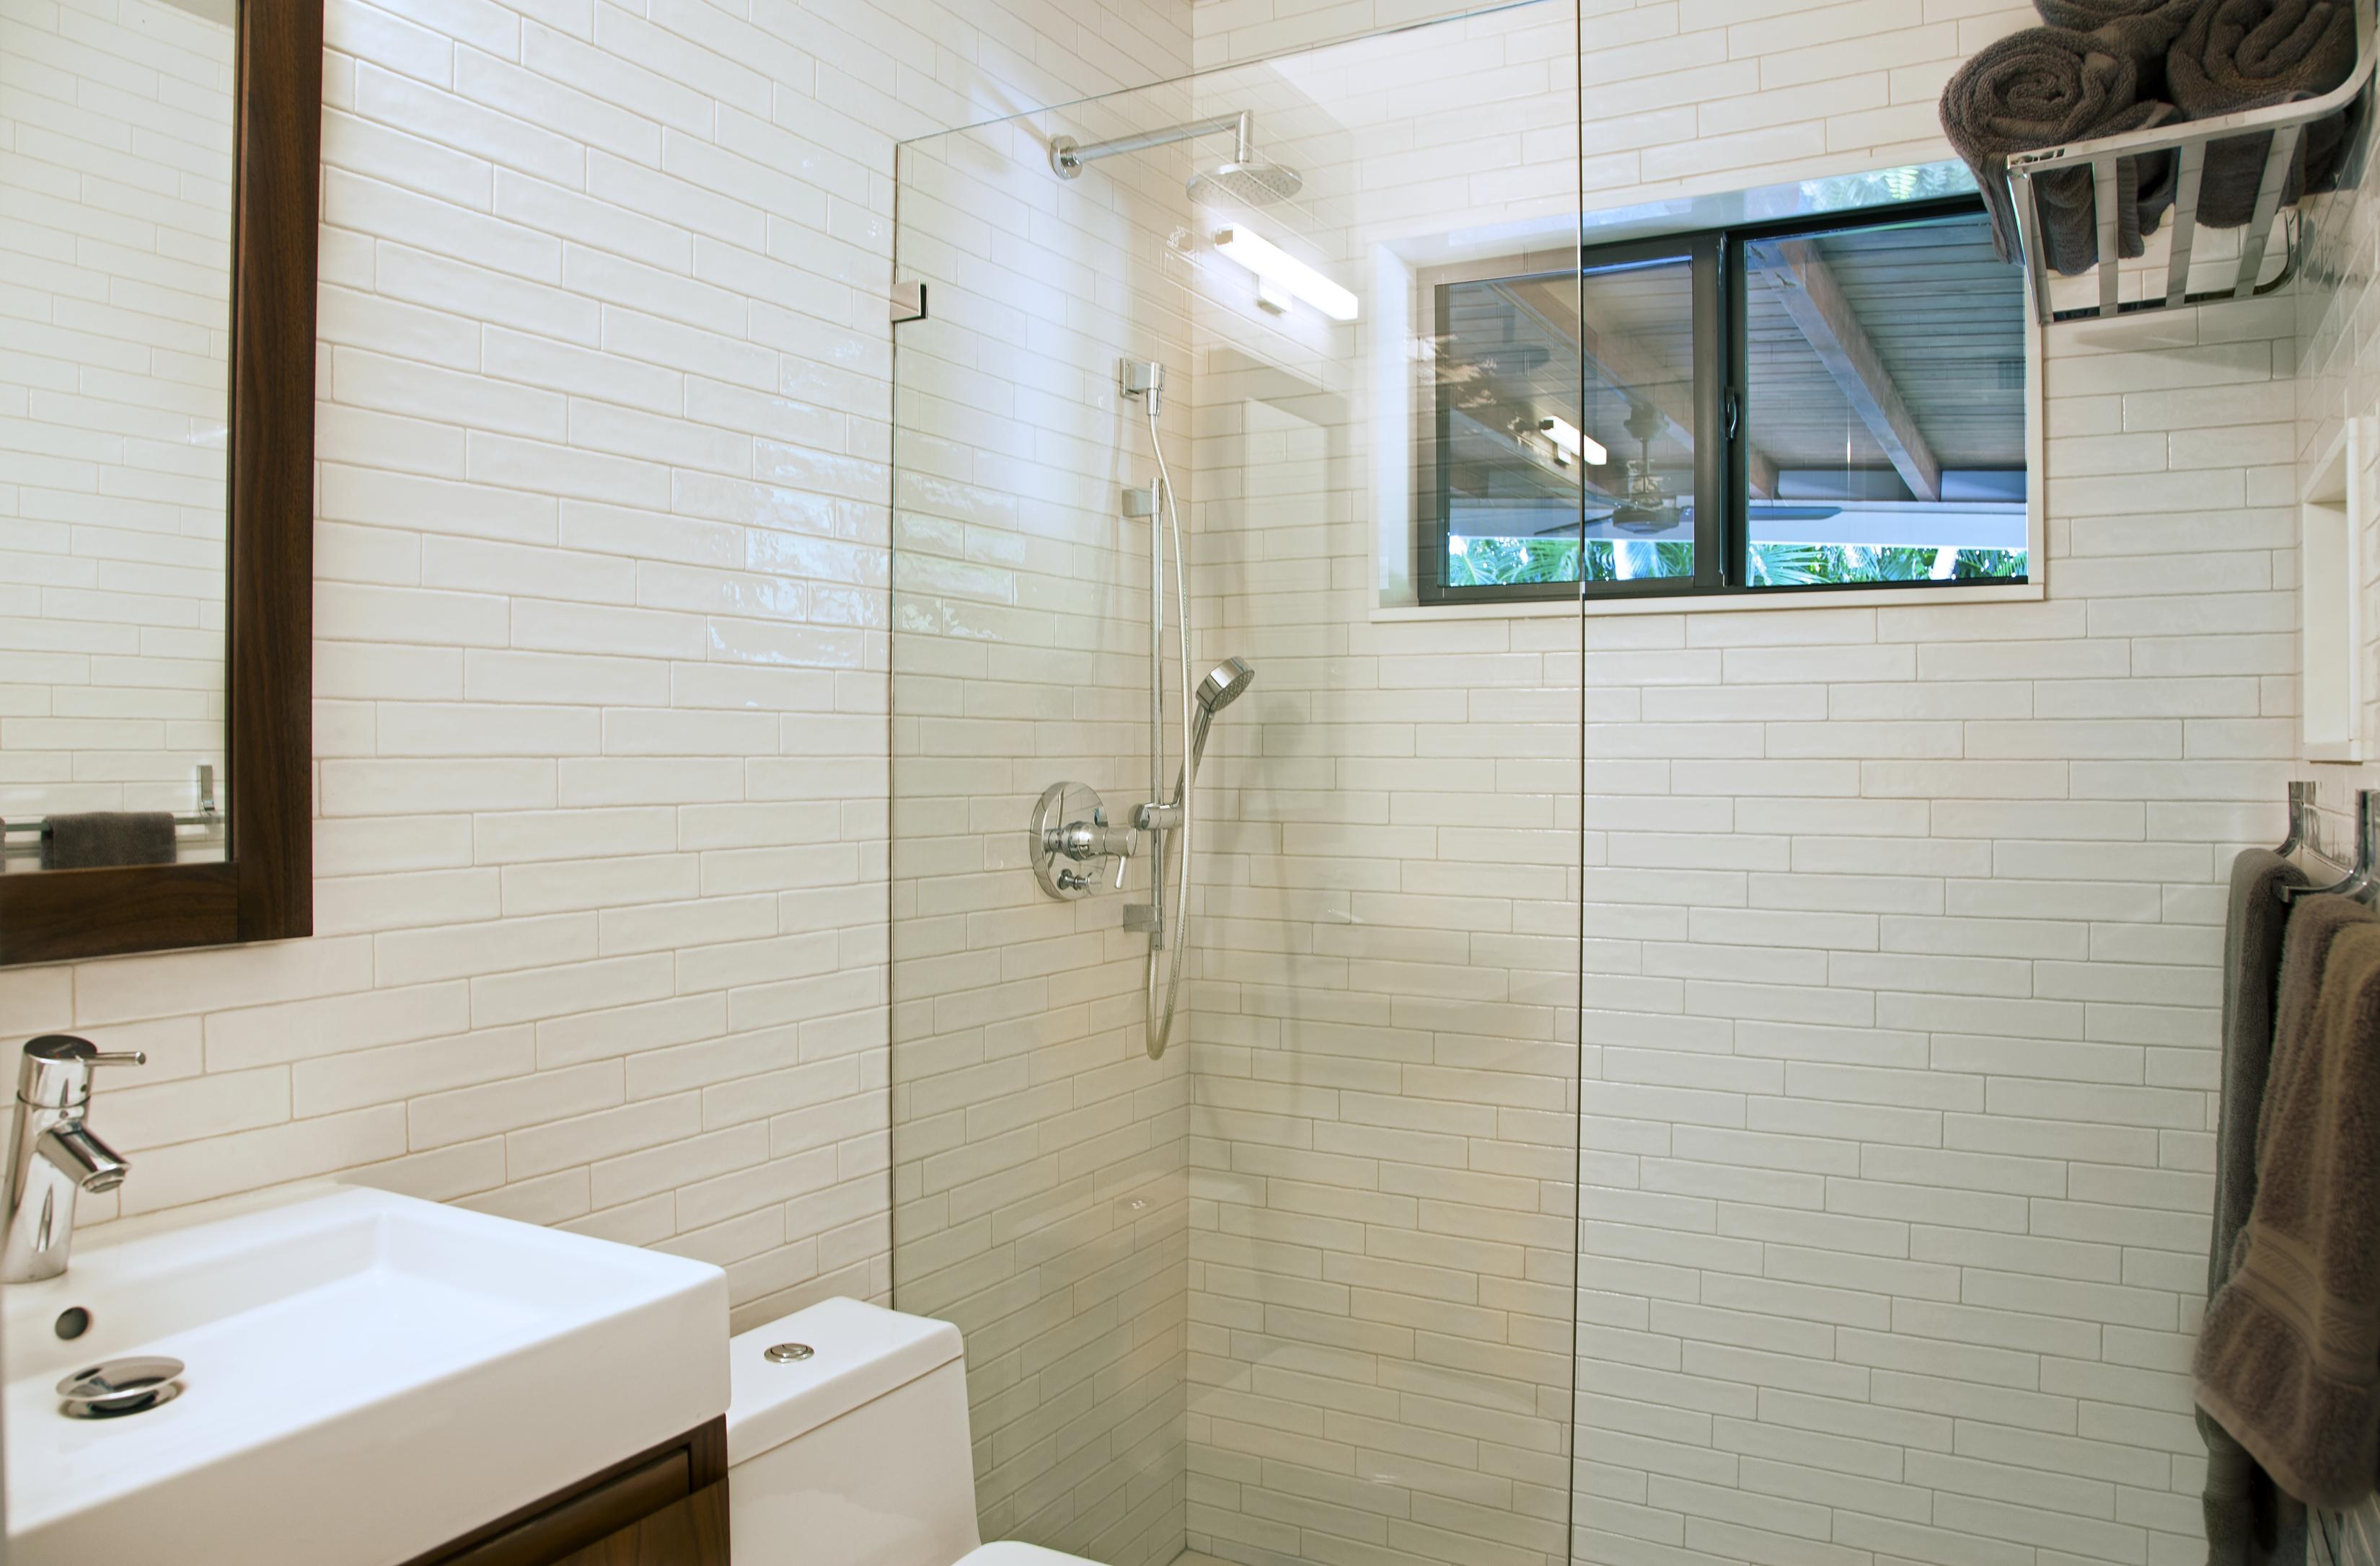 1517 Washington St. Key West, Bathroom 2